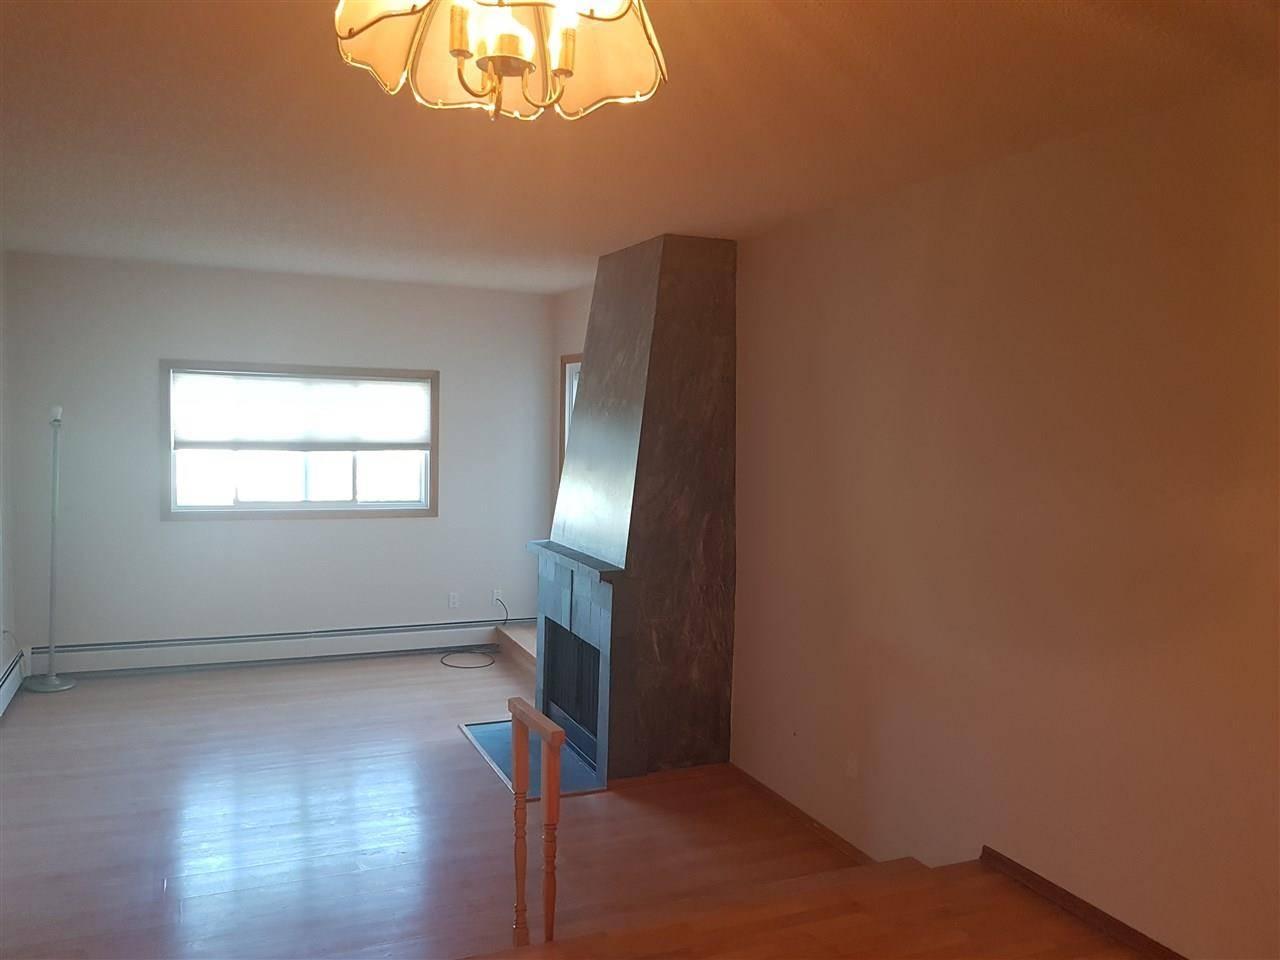 Condo for sale at 9504 182 St Nw Unit 414 Edmonton Alberta - MLS: E4159365